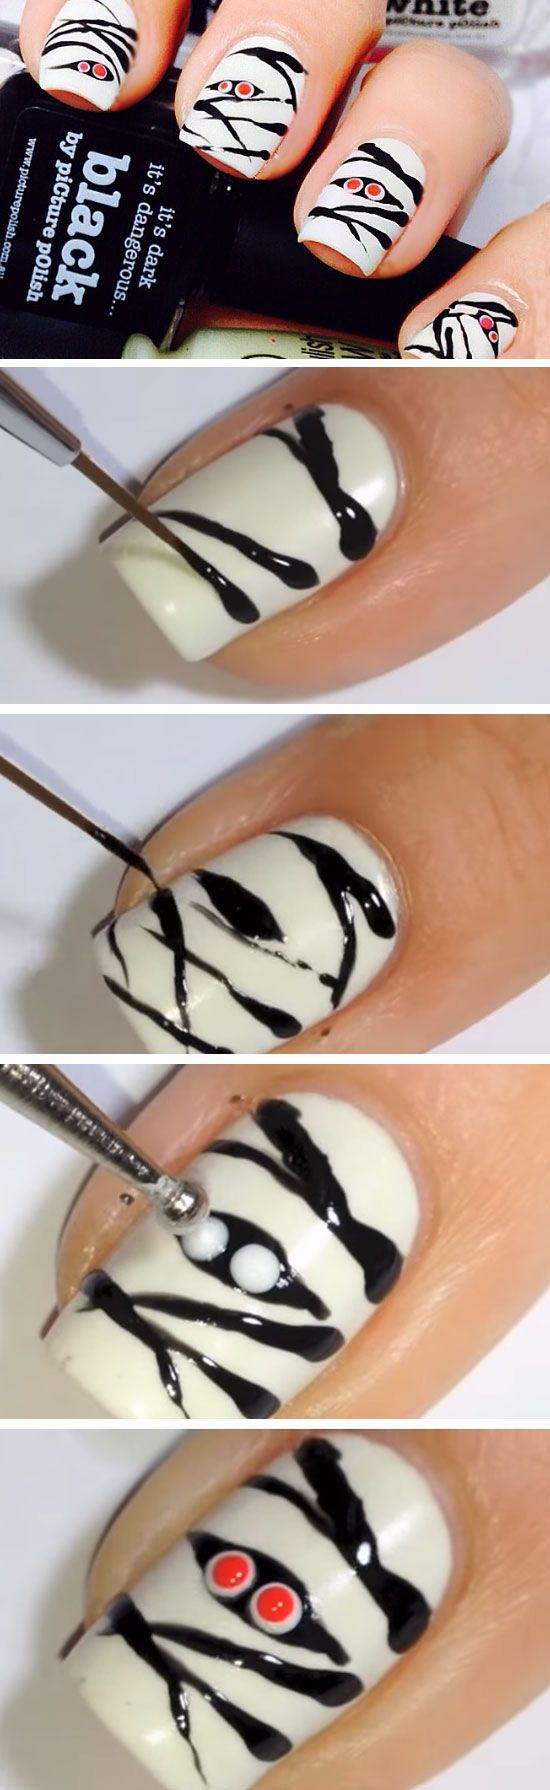 Easy Halloween Nail Art Ideas For Teens Esmalte De Unas Unas Divertidas Unas Decoradas